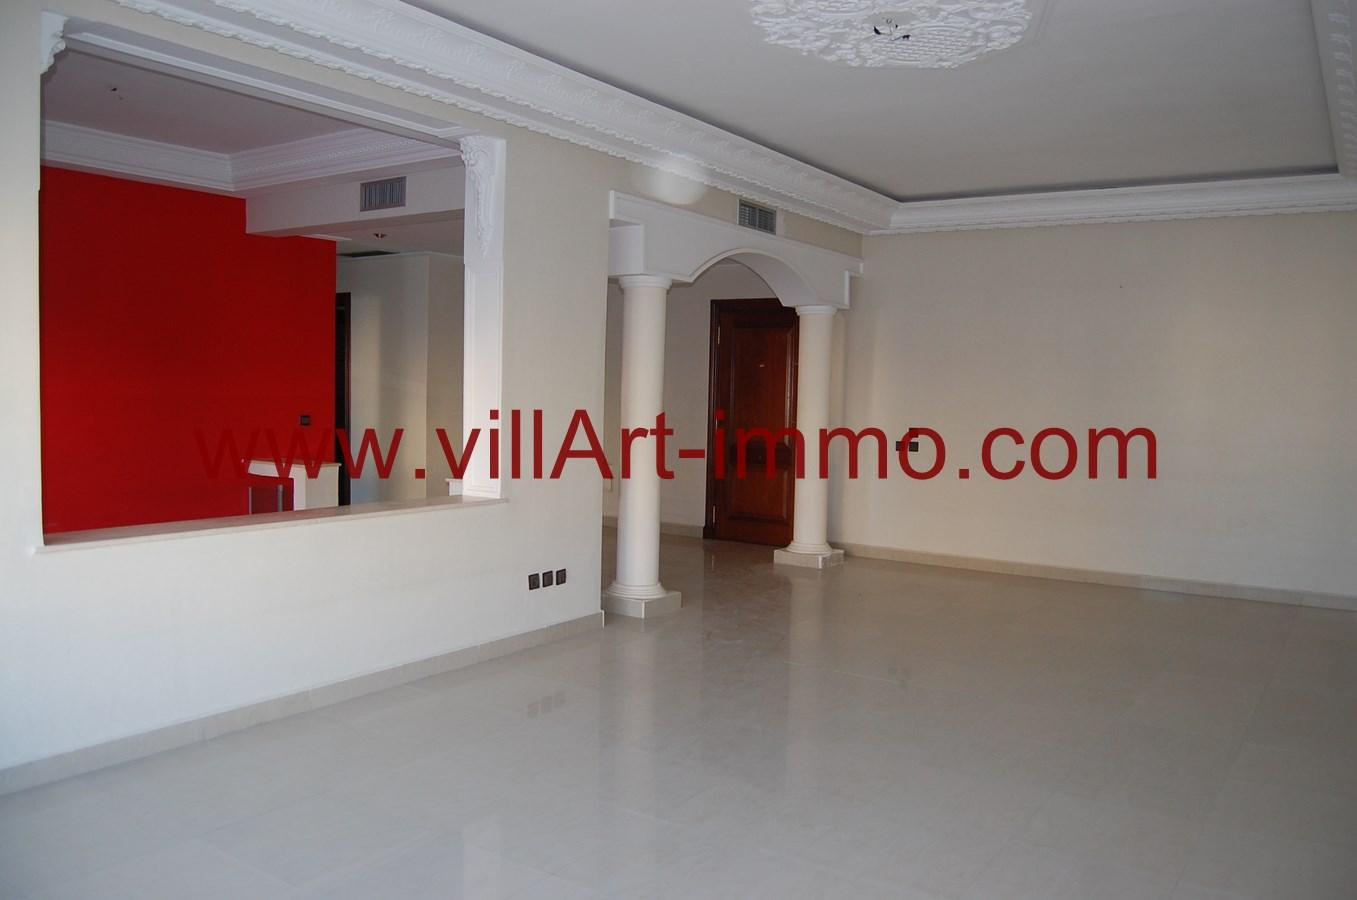 2-a-louer-appartement-non-meuble-tanger-salon-1-l891-villart-immo